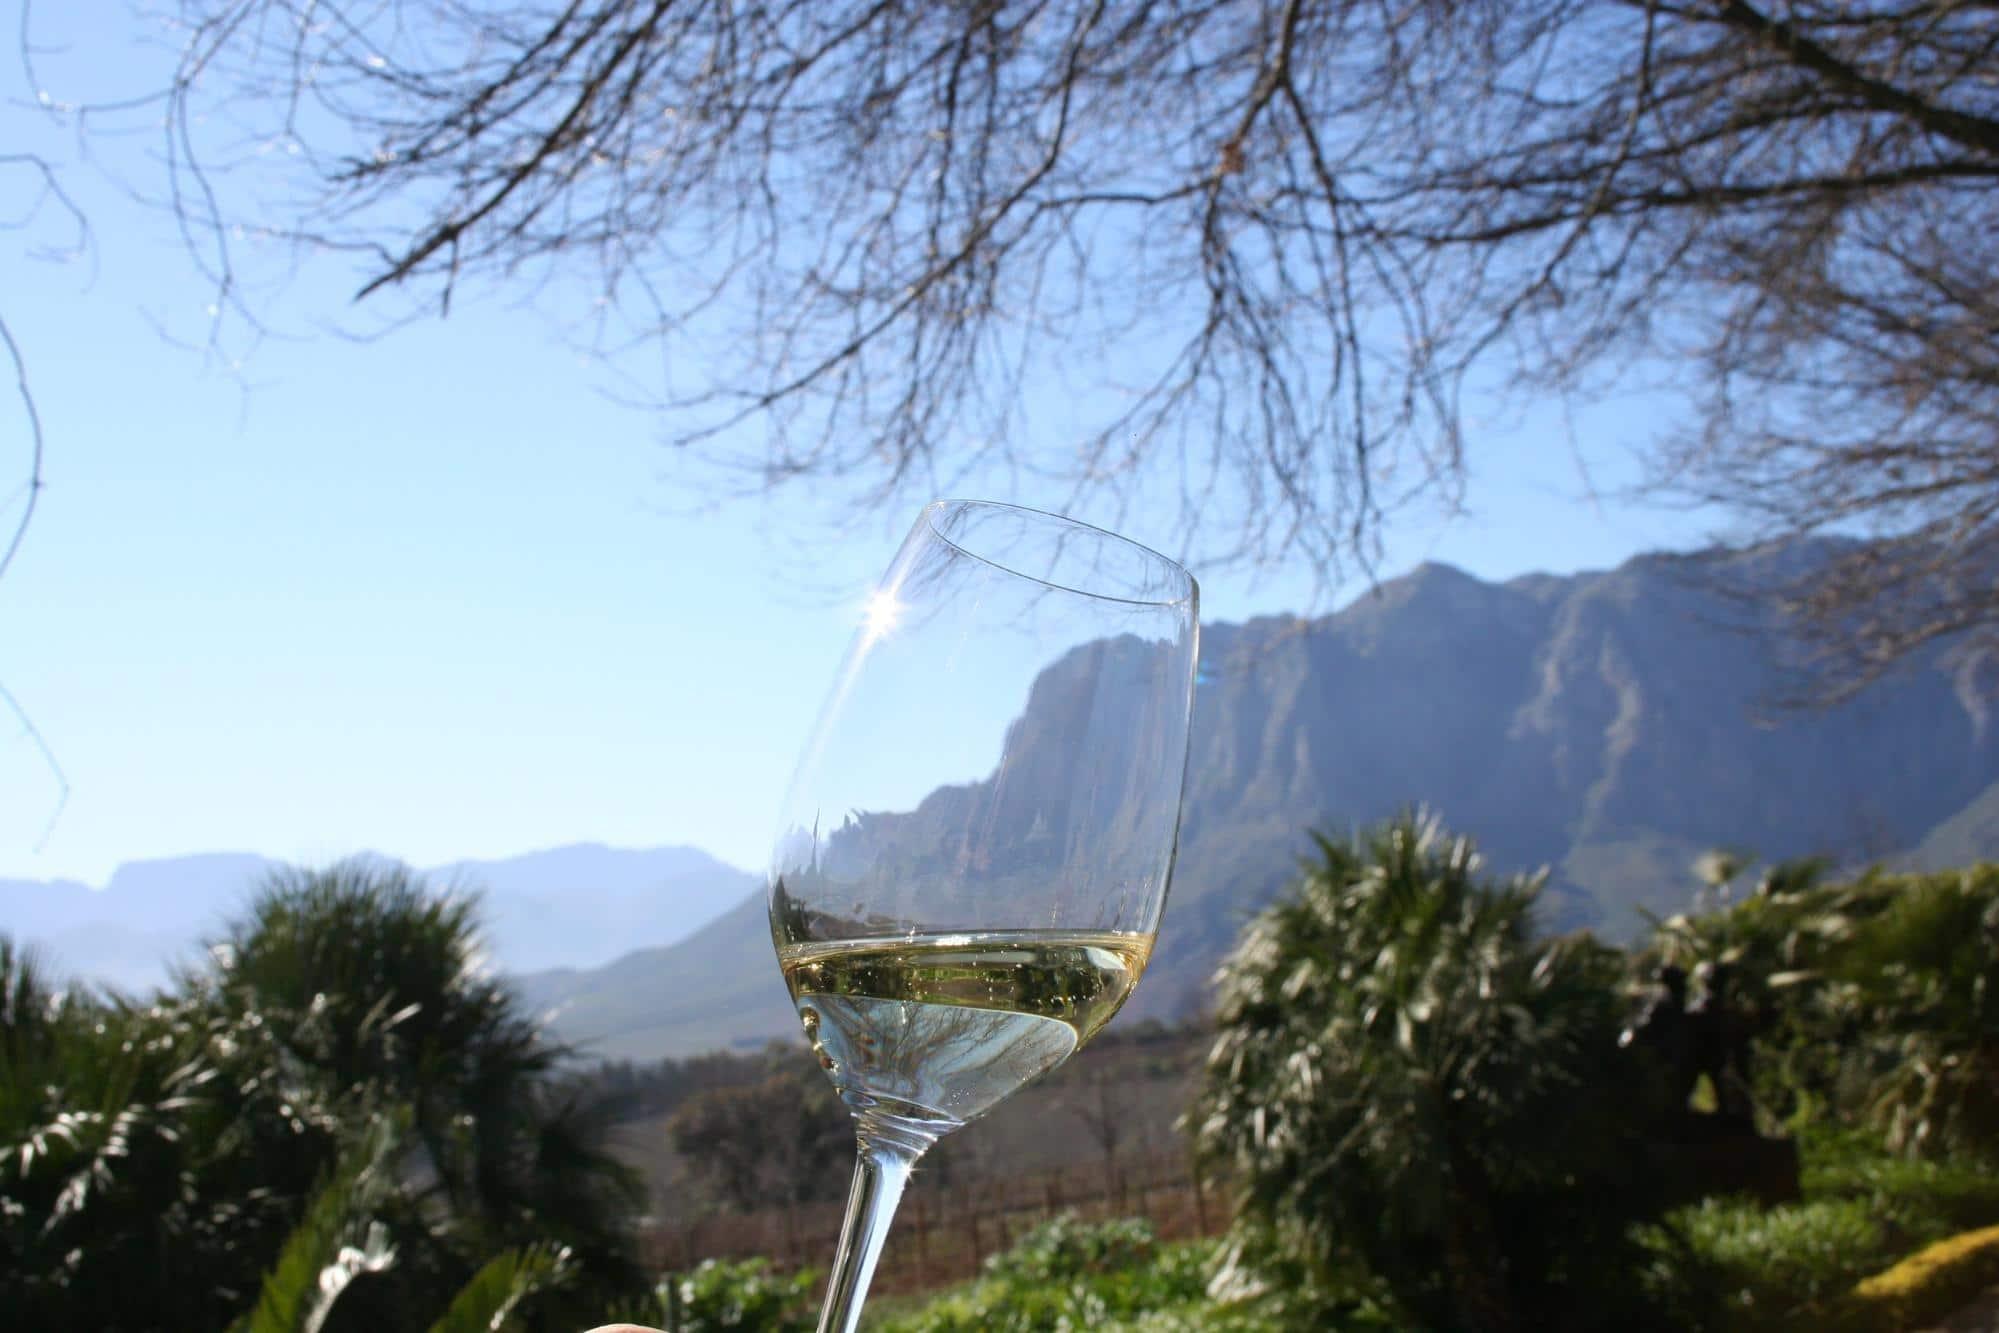 A typical wine tasting in Stellenbosch